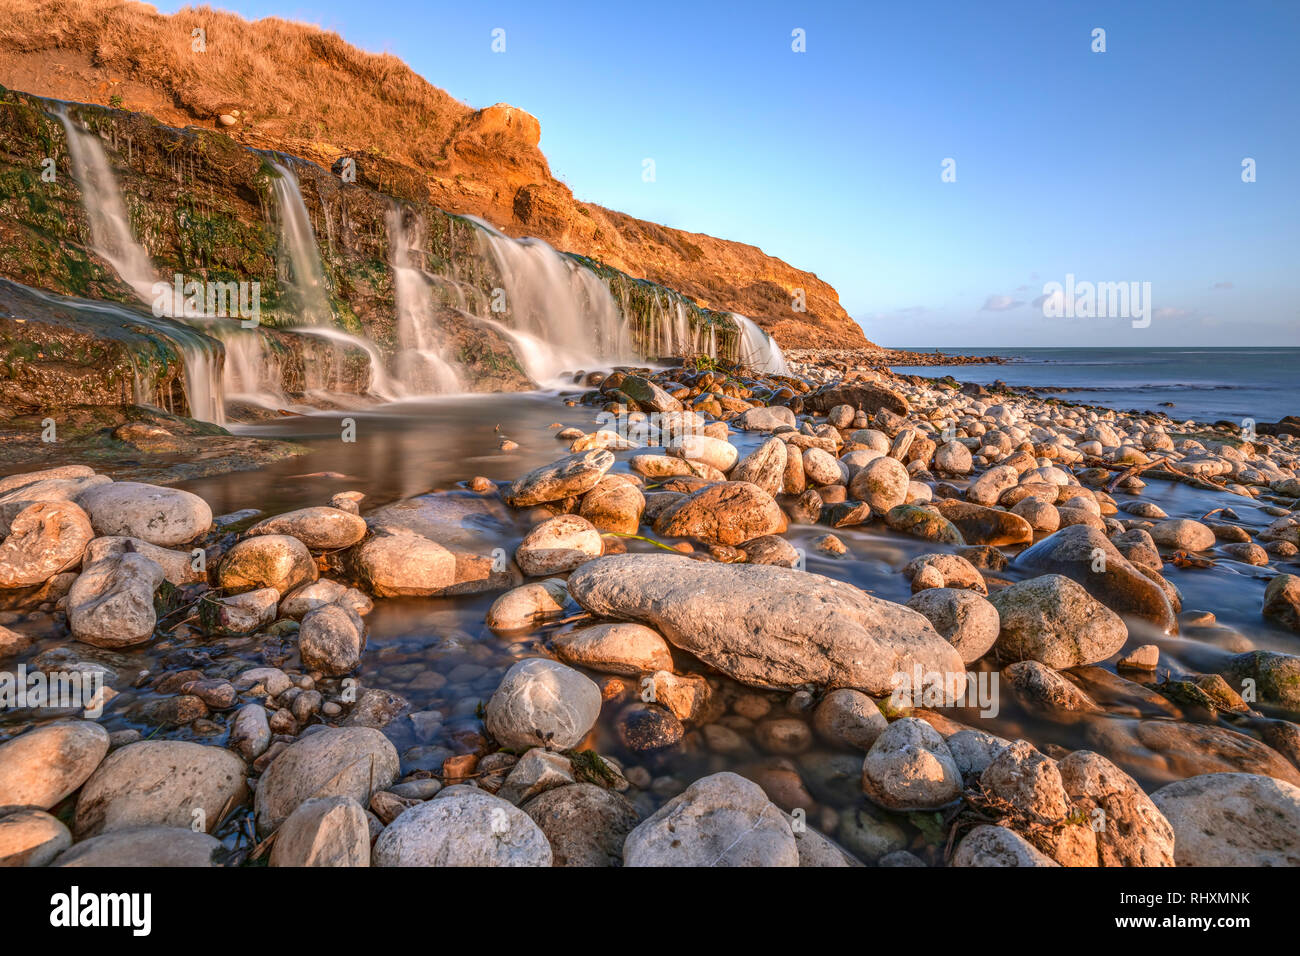 Osmington Mills,  Jurassic Coast, Weymouth, Dorset, England, United Kingdom - Stock Image